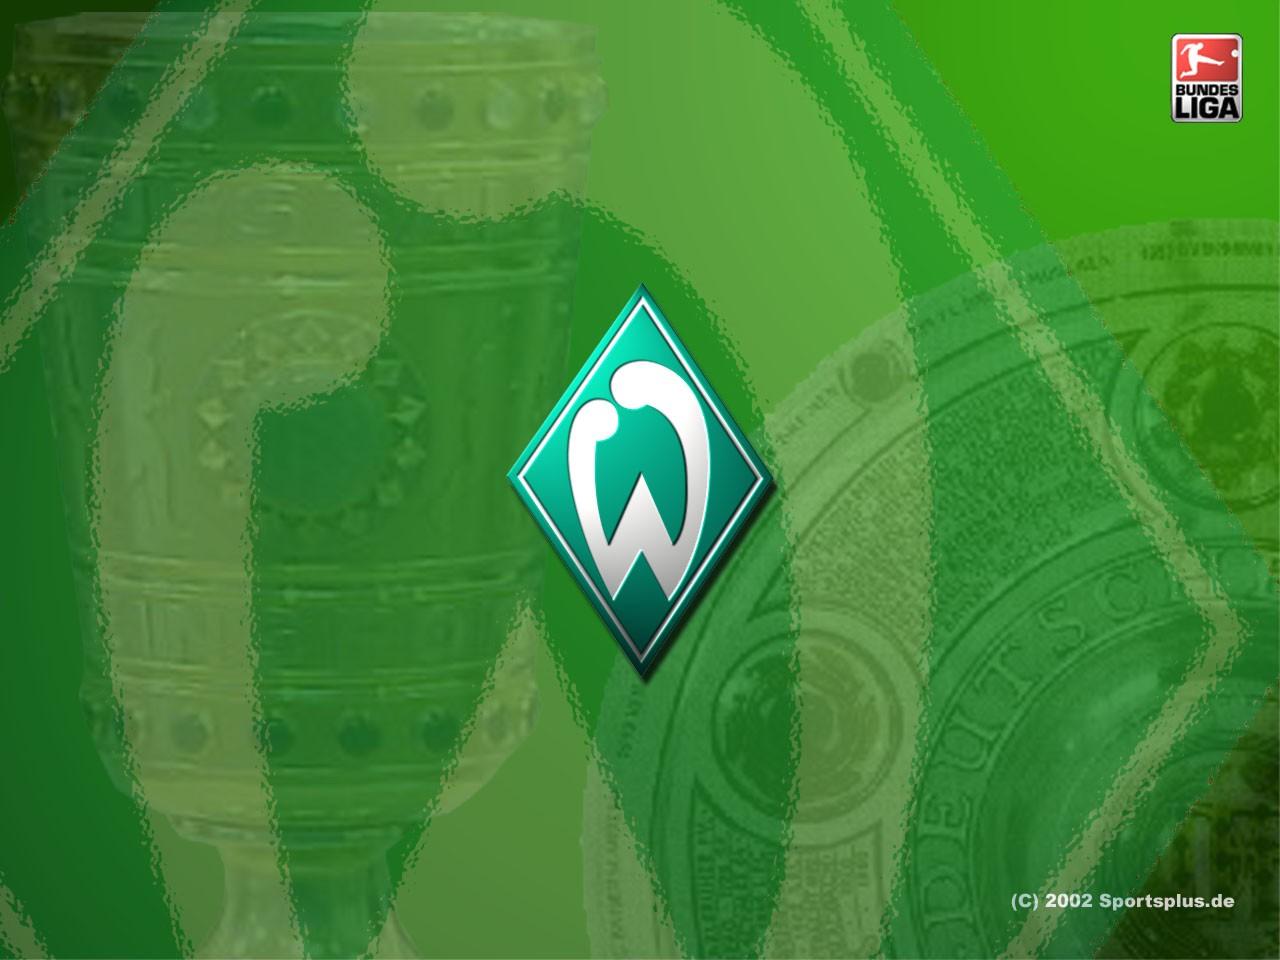 Werder breme